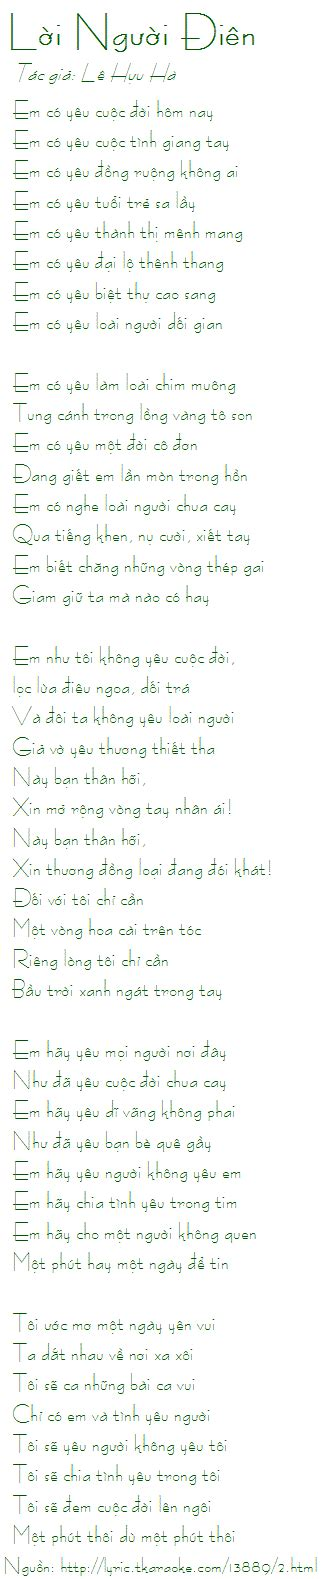 Loi Bai Hat Loi Nguoi Dien (le Huu Ha) [co Nhac Nghe]